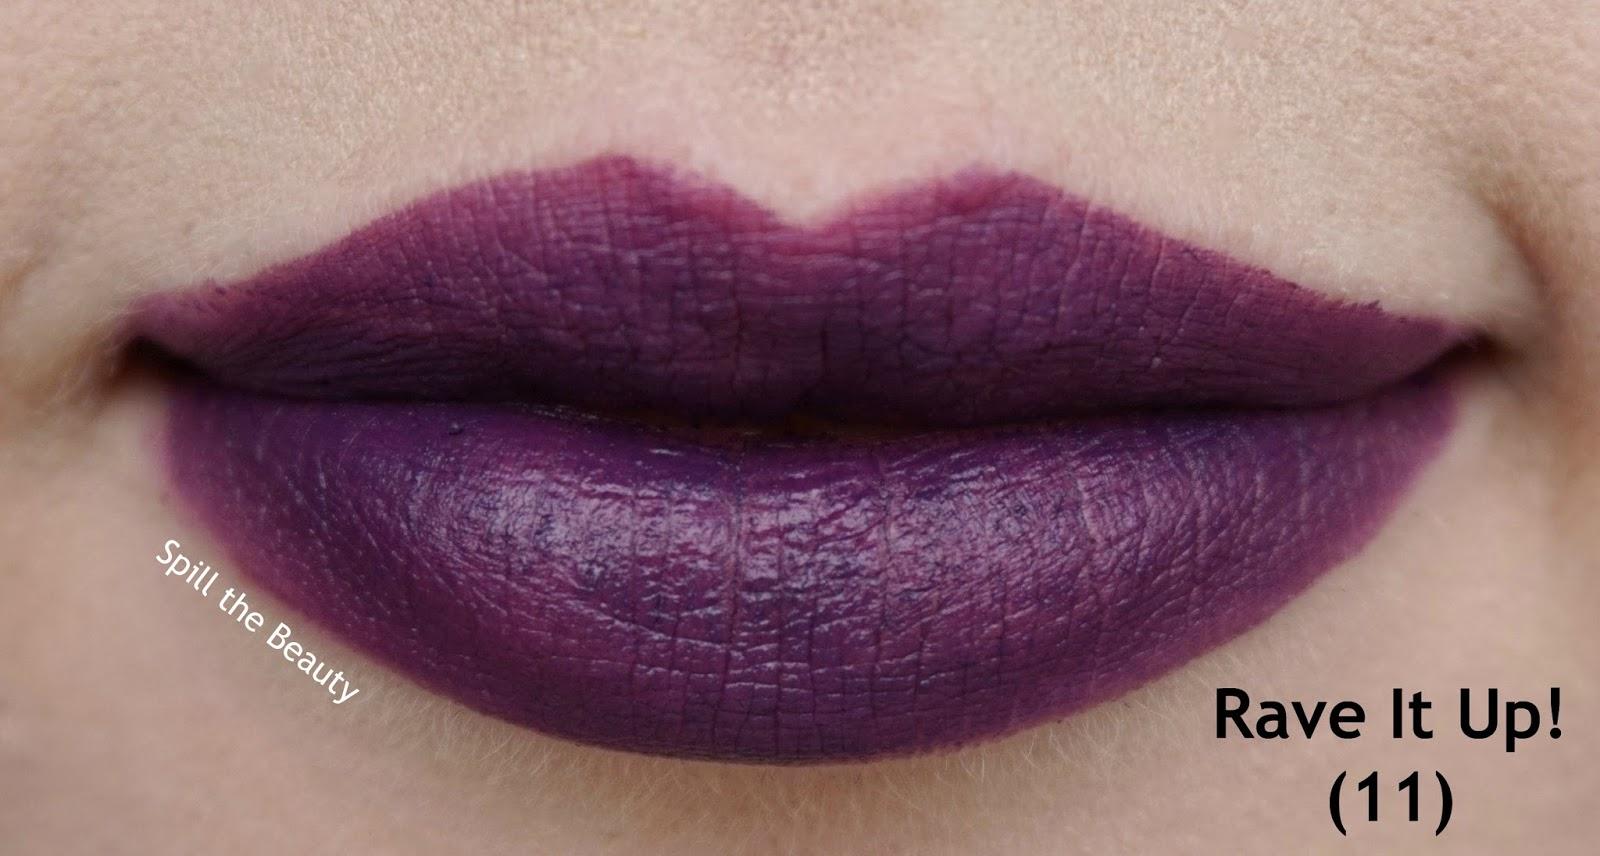 essence matt matt matt vibrant shock lipstick review swatches 11 rave it up! - lips